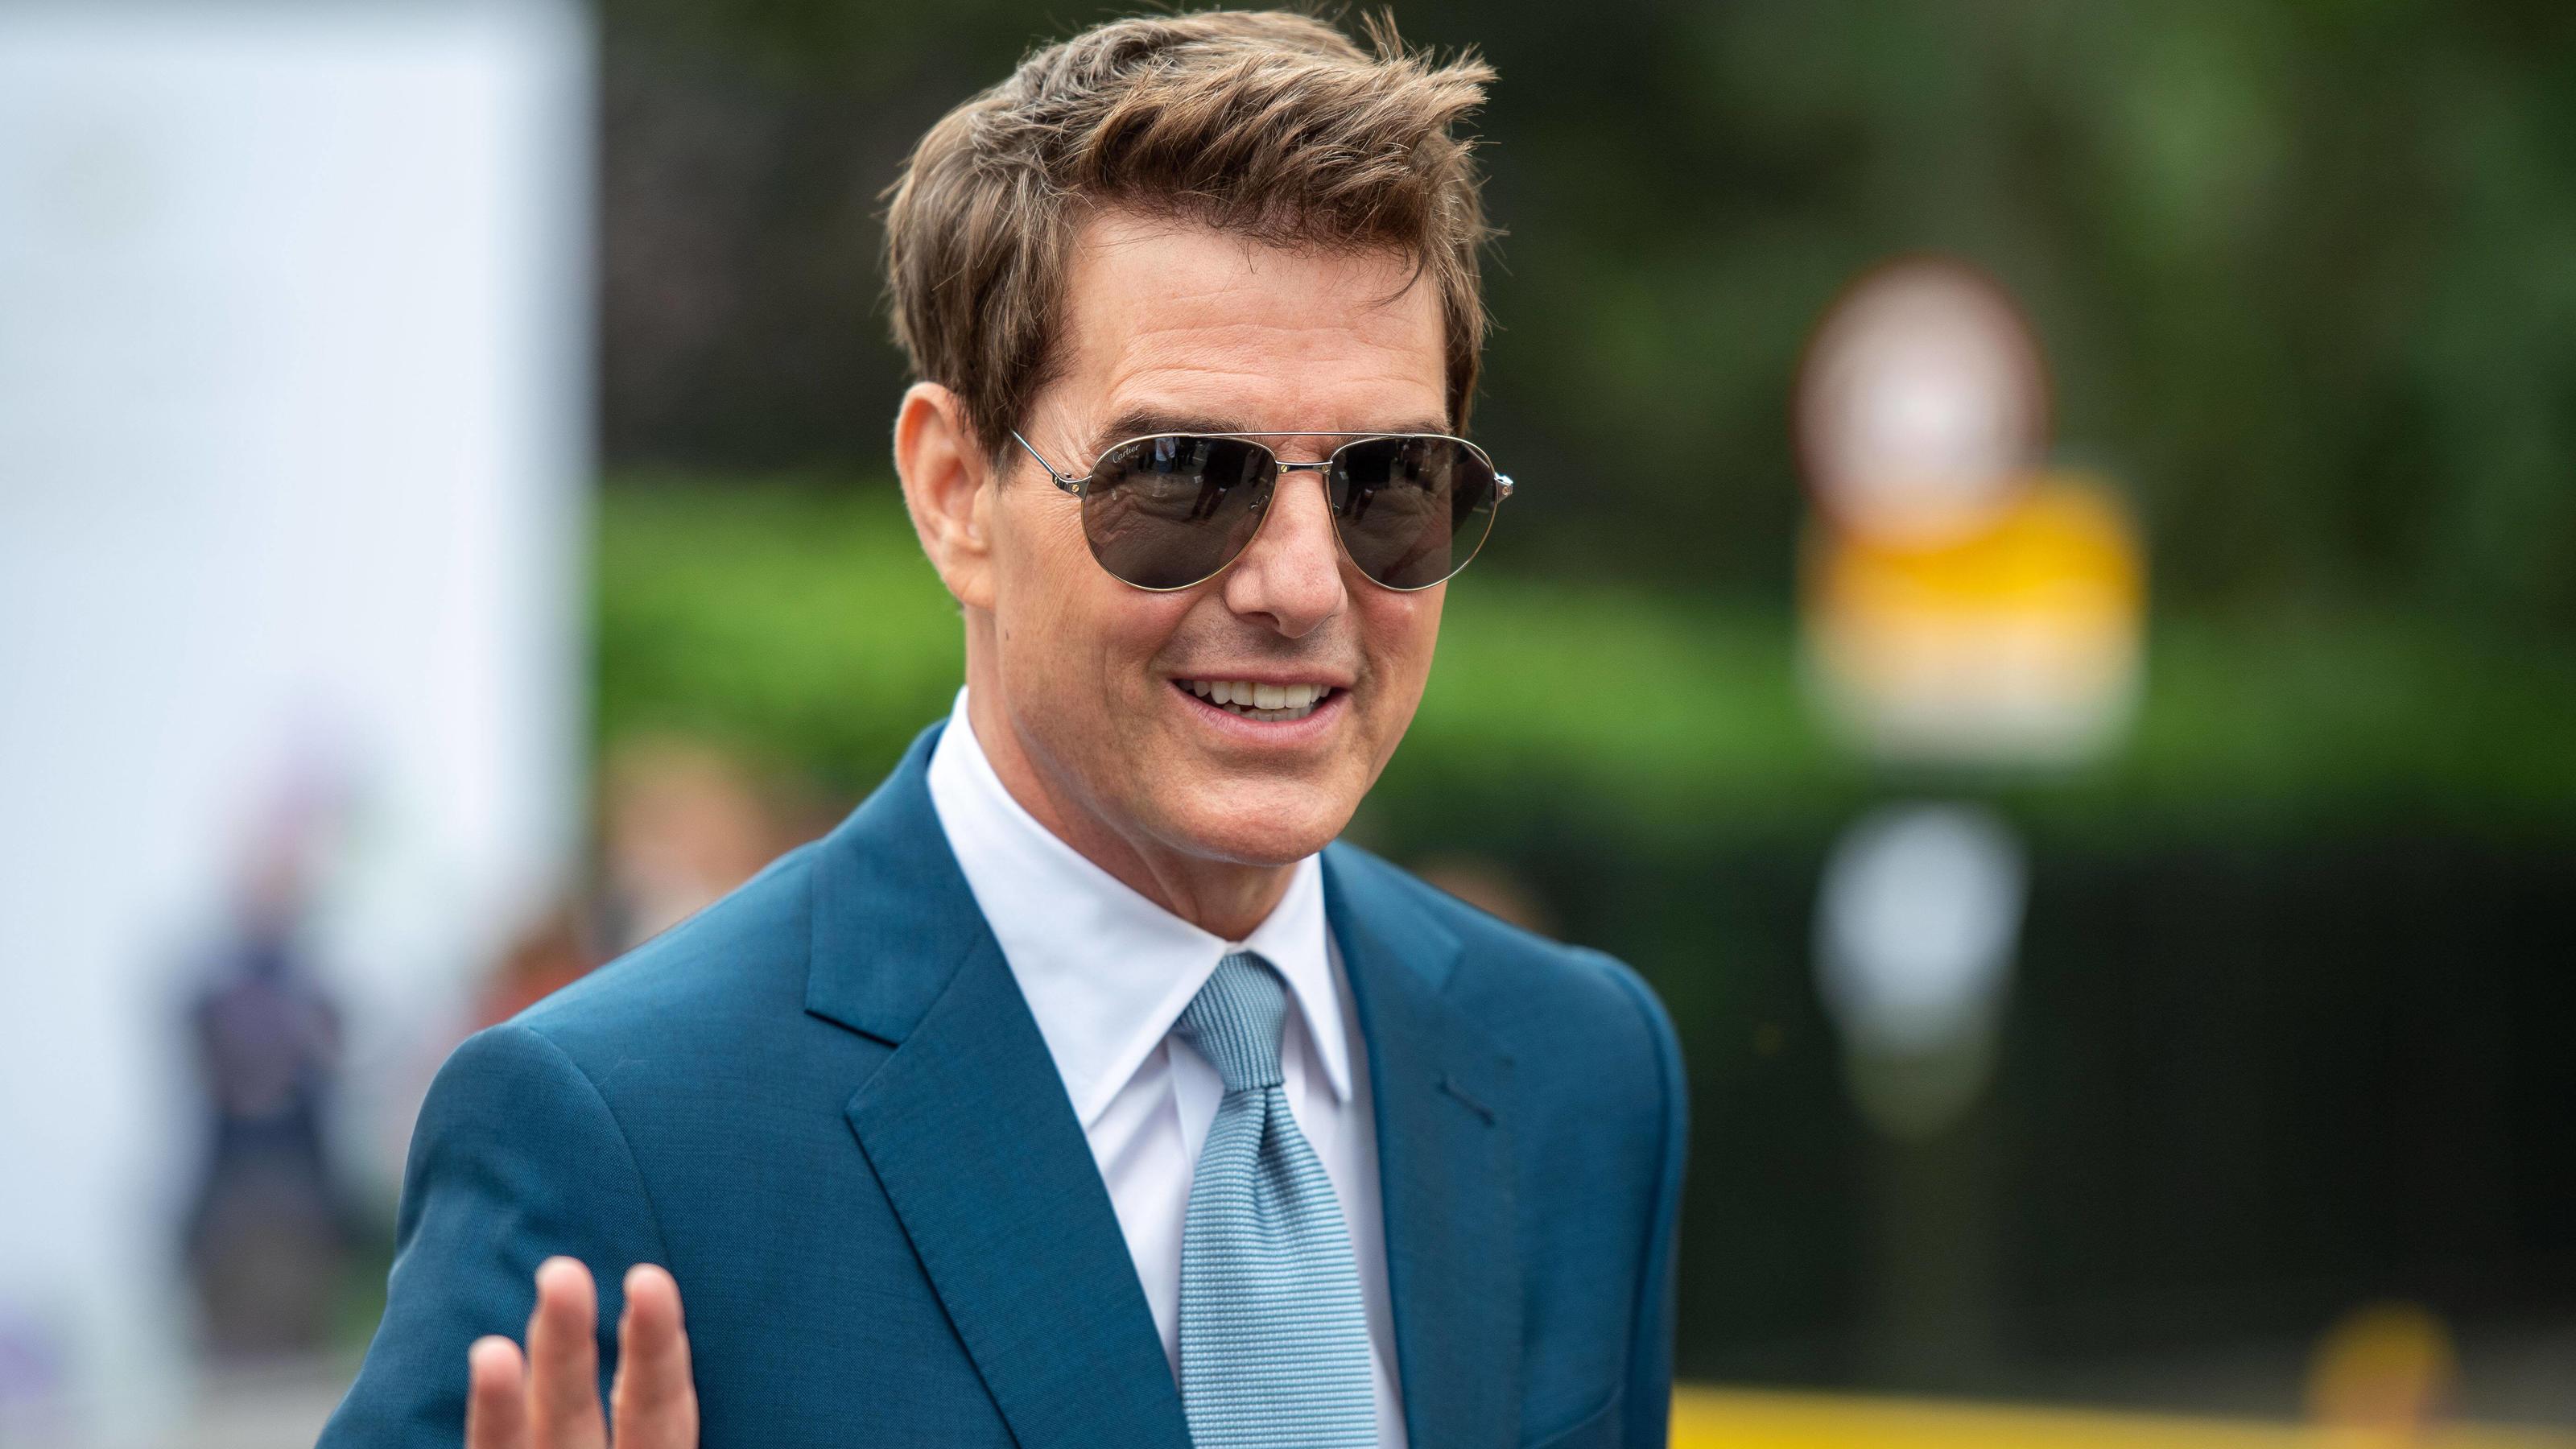 Ist das wirklich Tom Cruise? Action-Star ist plötzlich kaum wiederzuerkennen